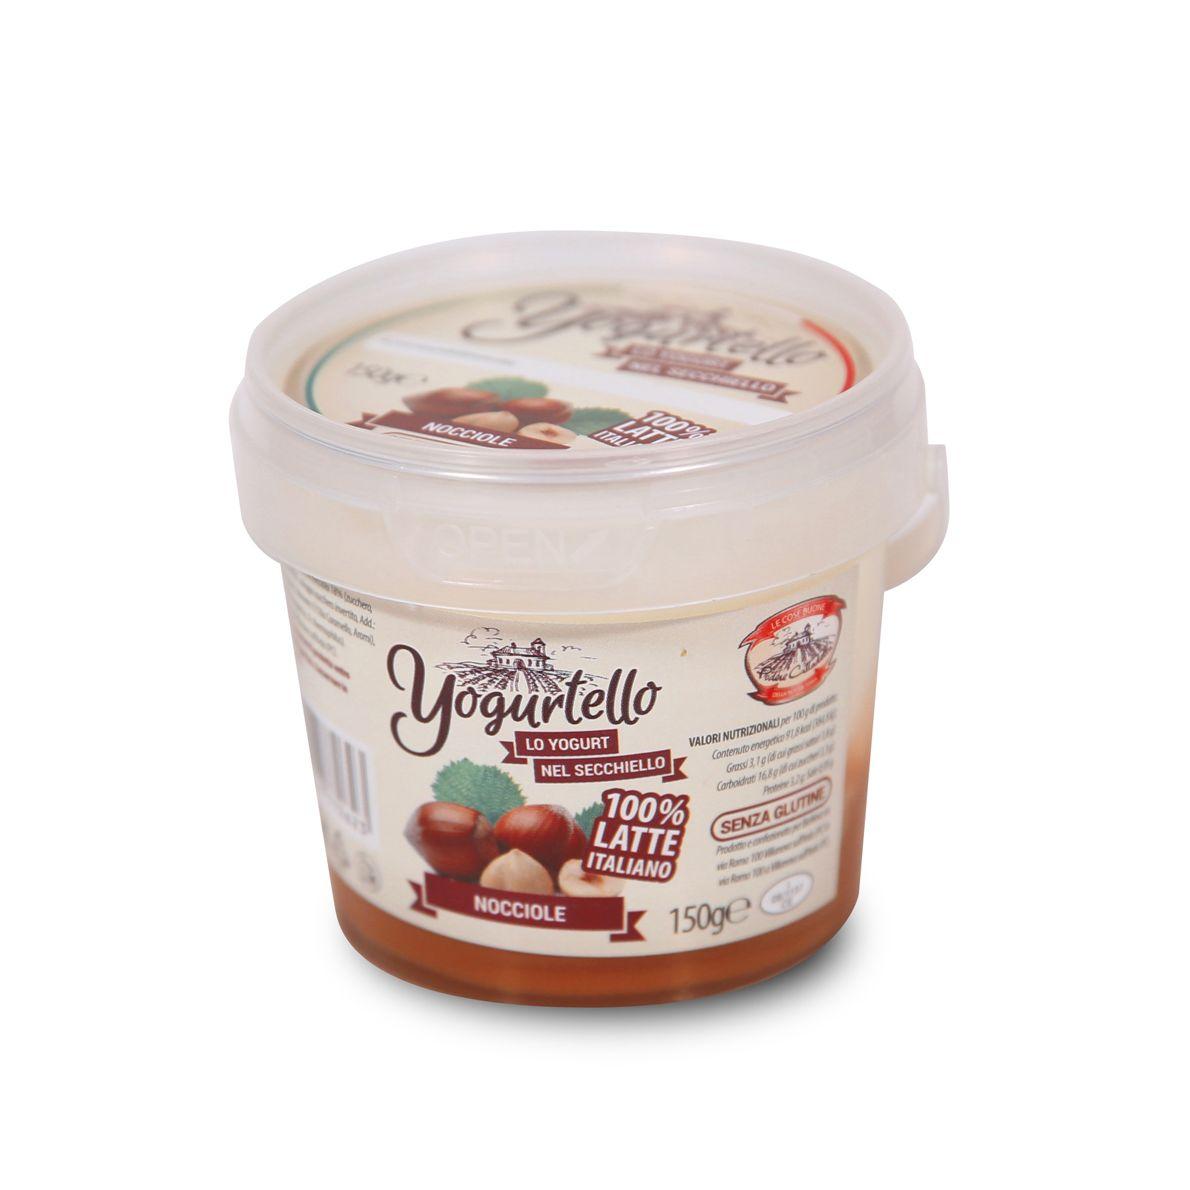 Yogurtello alle Nocciole 150g - 9 pz